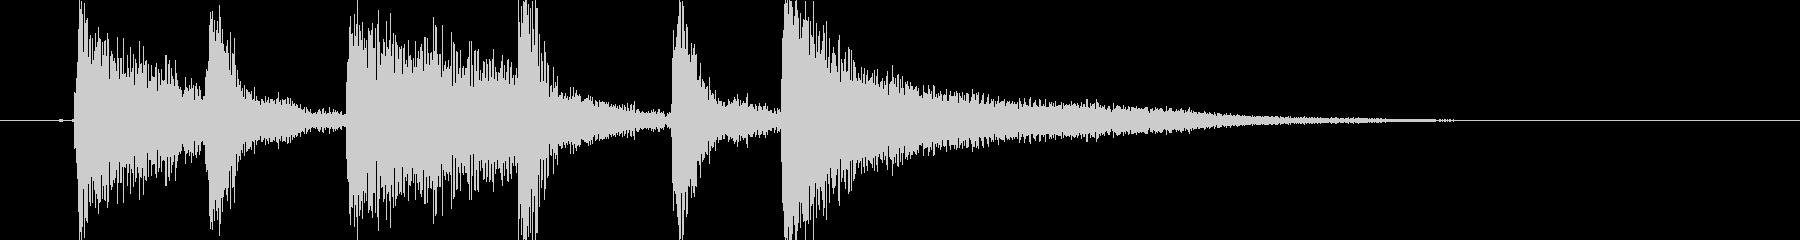 生ピアノで奏でるジャジーな効果音の未再生の波形